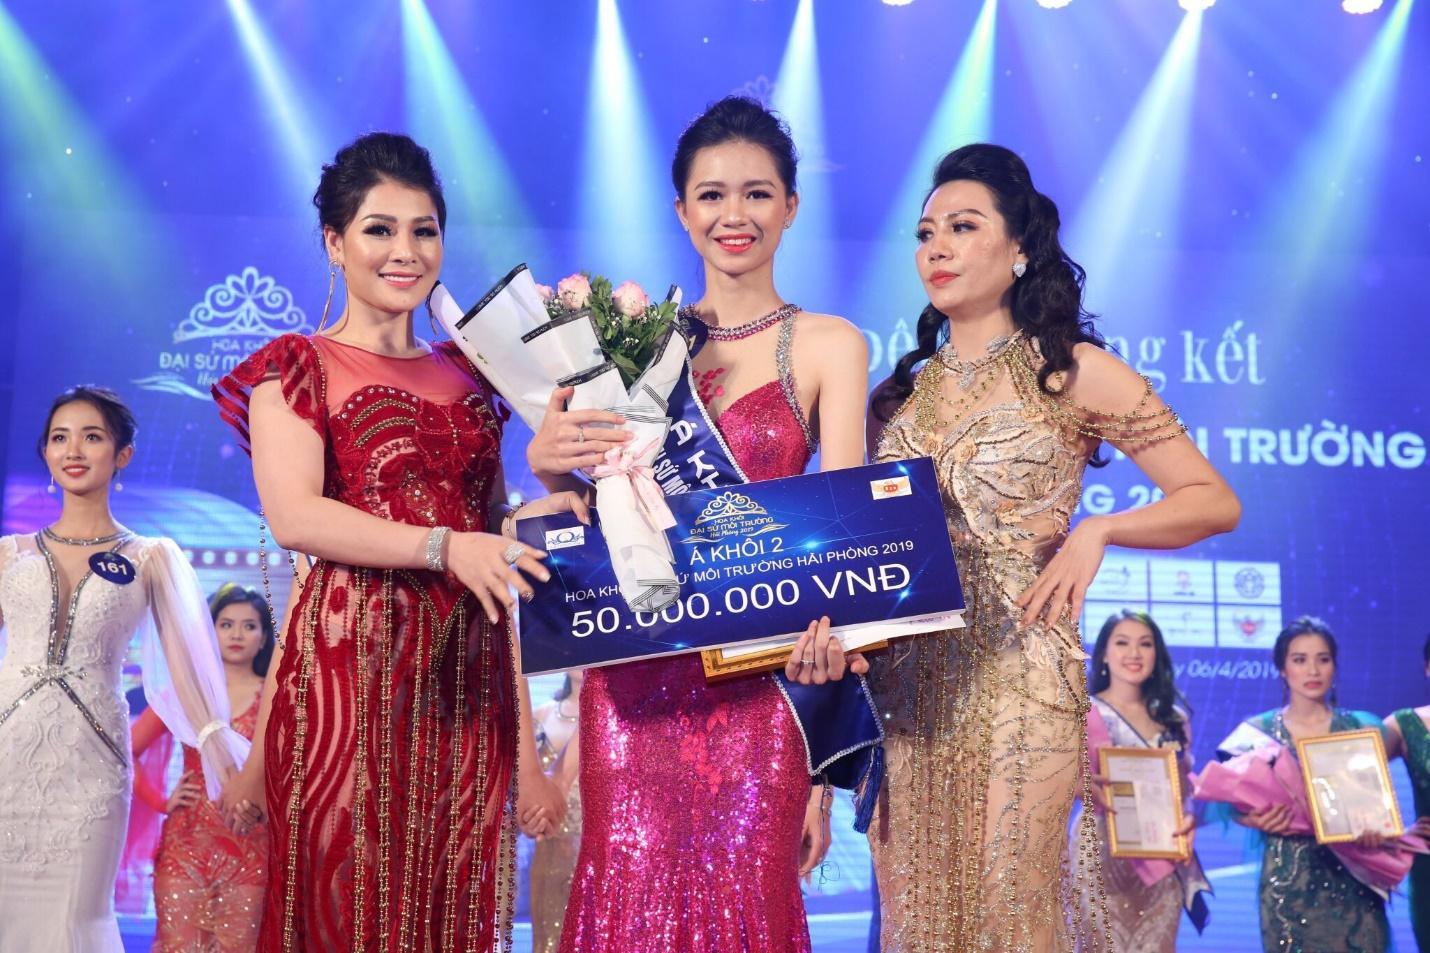 Hoa hậu doanh nhân Đàm Hương Thủy nổi bật khi ngồi ghế giám khảo Hoa khôi Đại sứ môi trường Hải Phòng năm 2019  - Ảnh 4